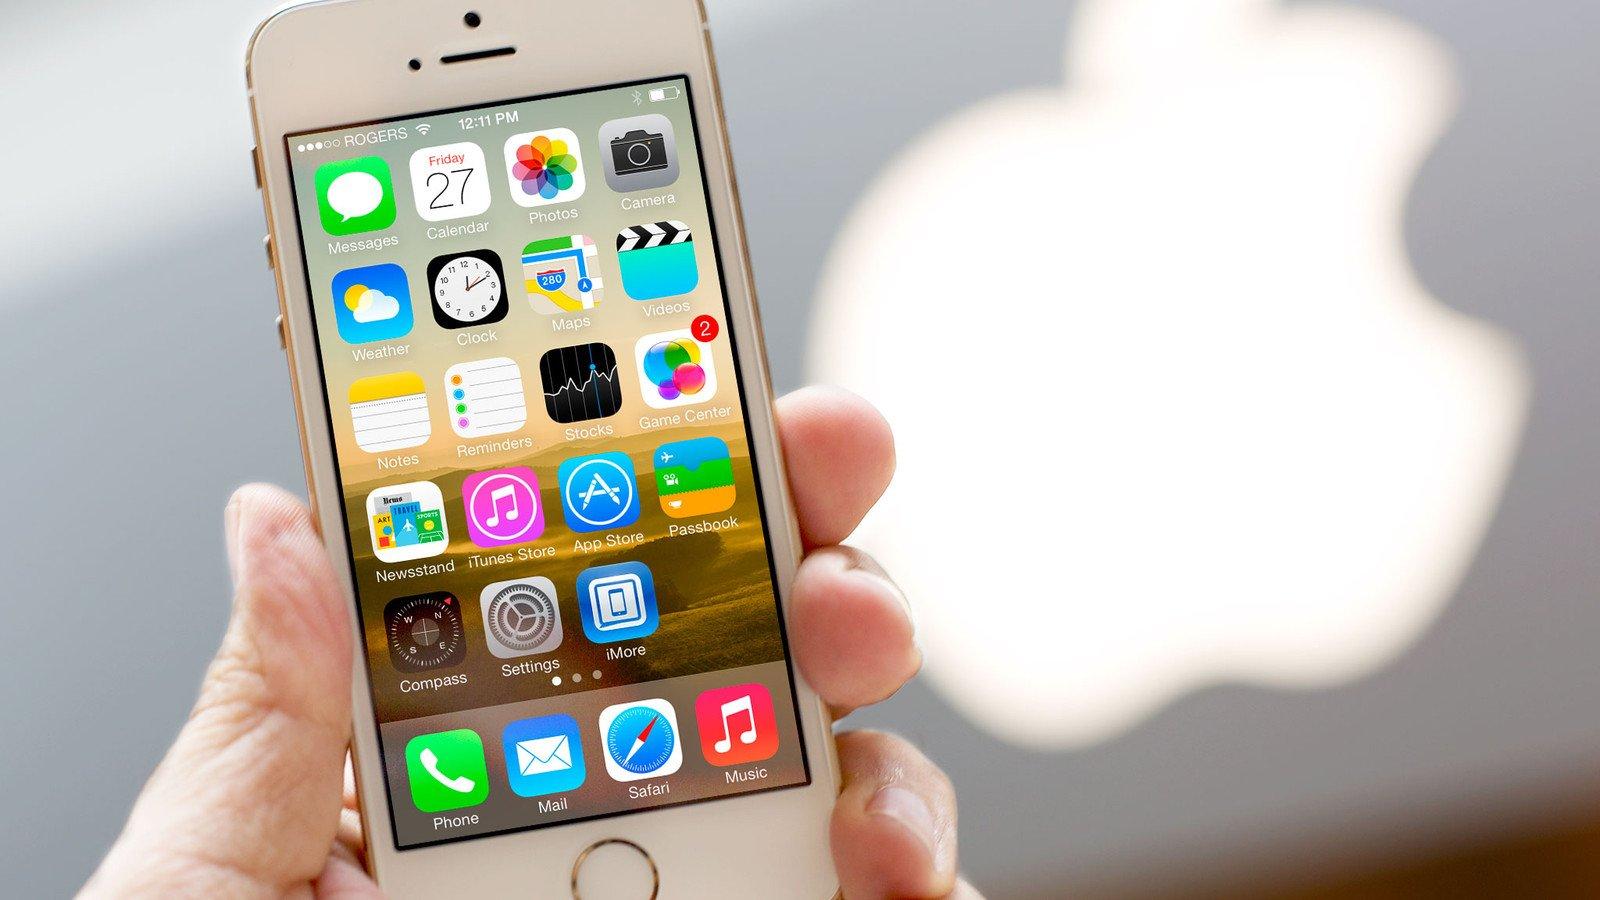 Цена на iPhone 5S в России стала самой низкой в мире